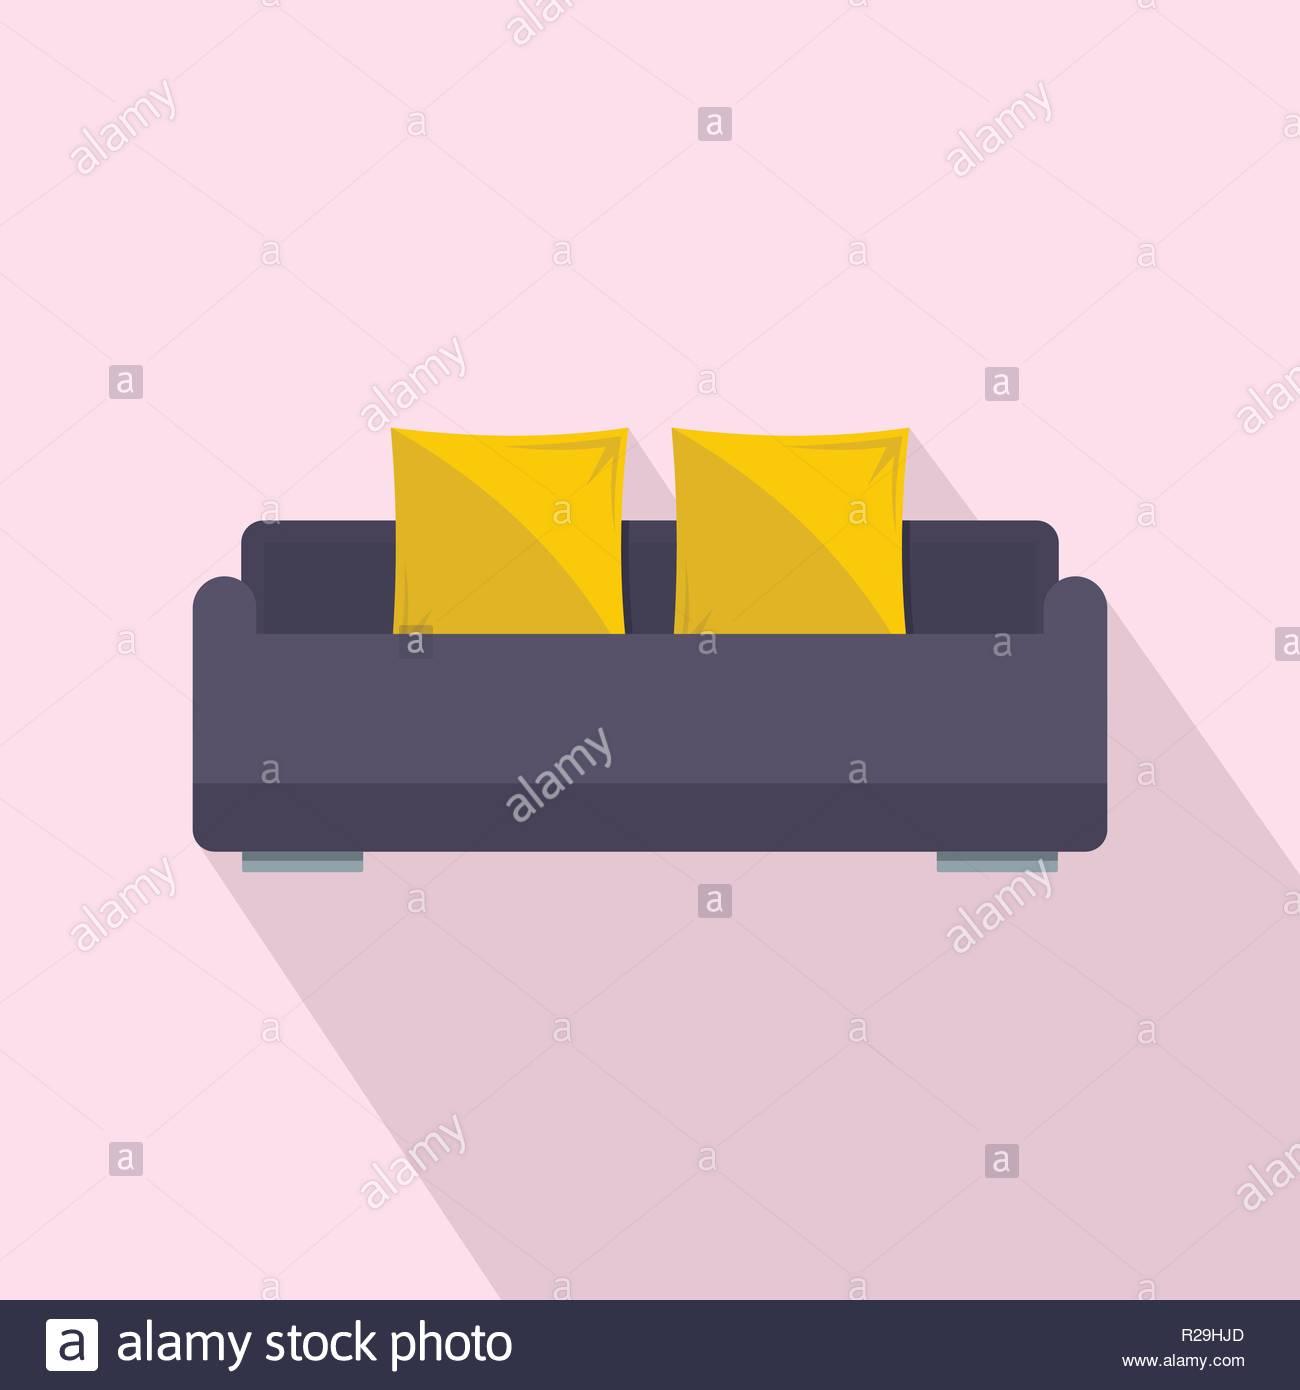 Full Size of Sofa Recamiere Barock Kunstleder Xxl Günstig Für Esszimmer Sofort Lieferbar Garnitur 3 Teilig Mit Relaxfunktion überzug Hussen Luxus Günstige Leinen L Sofa Sofa Englisch